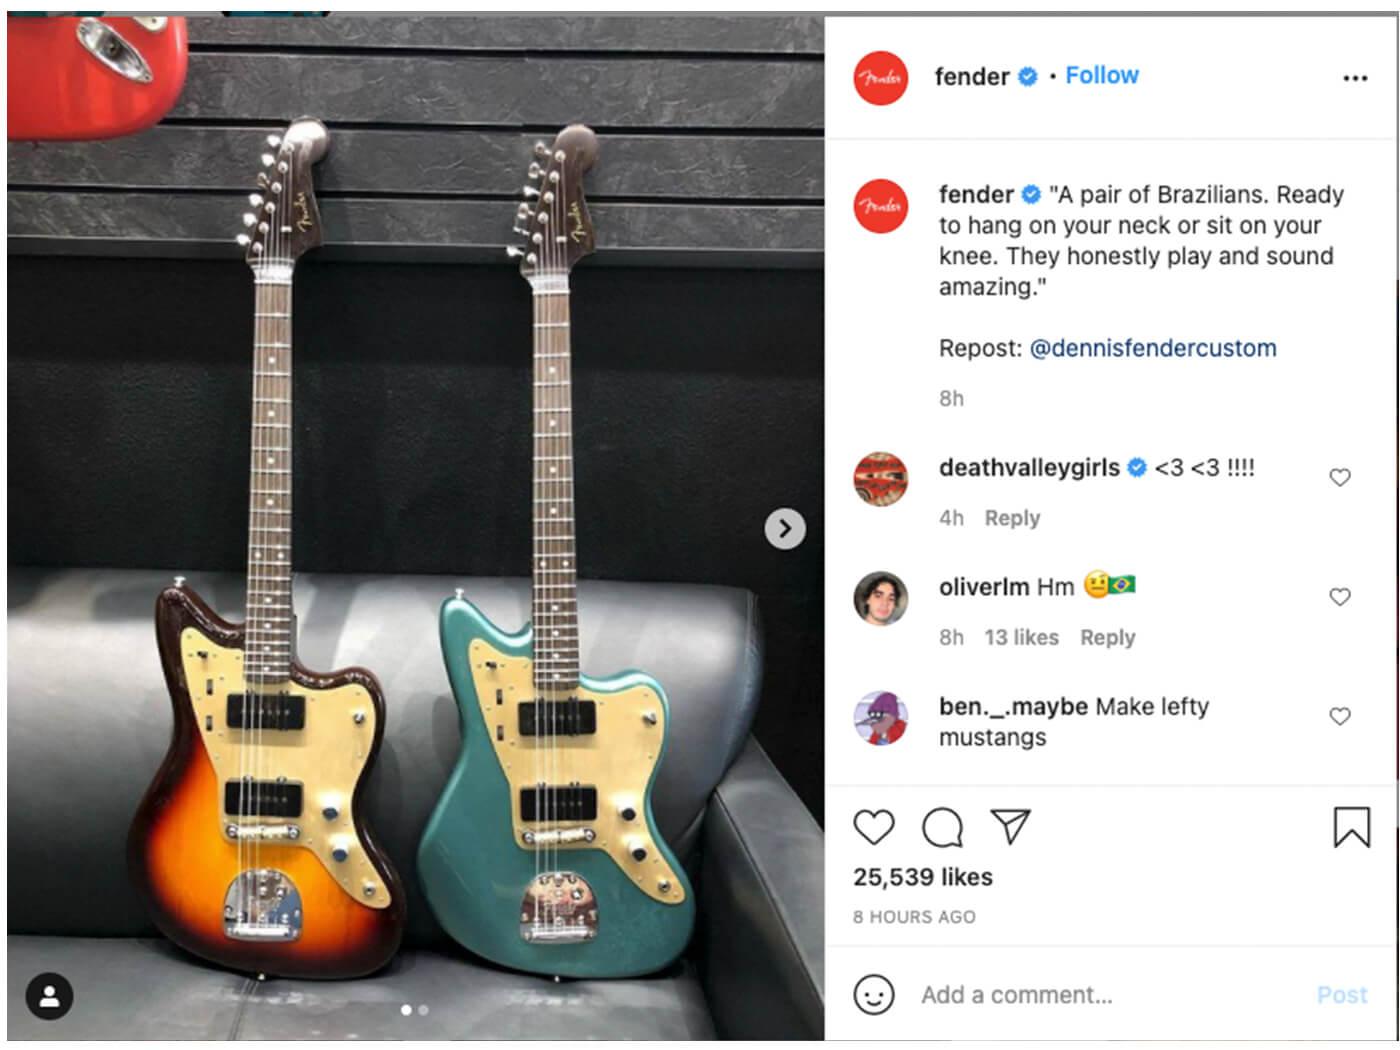 Fender removed IG post